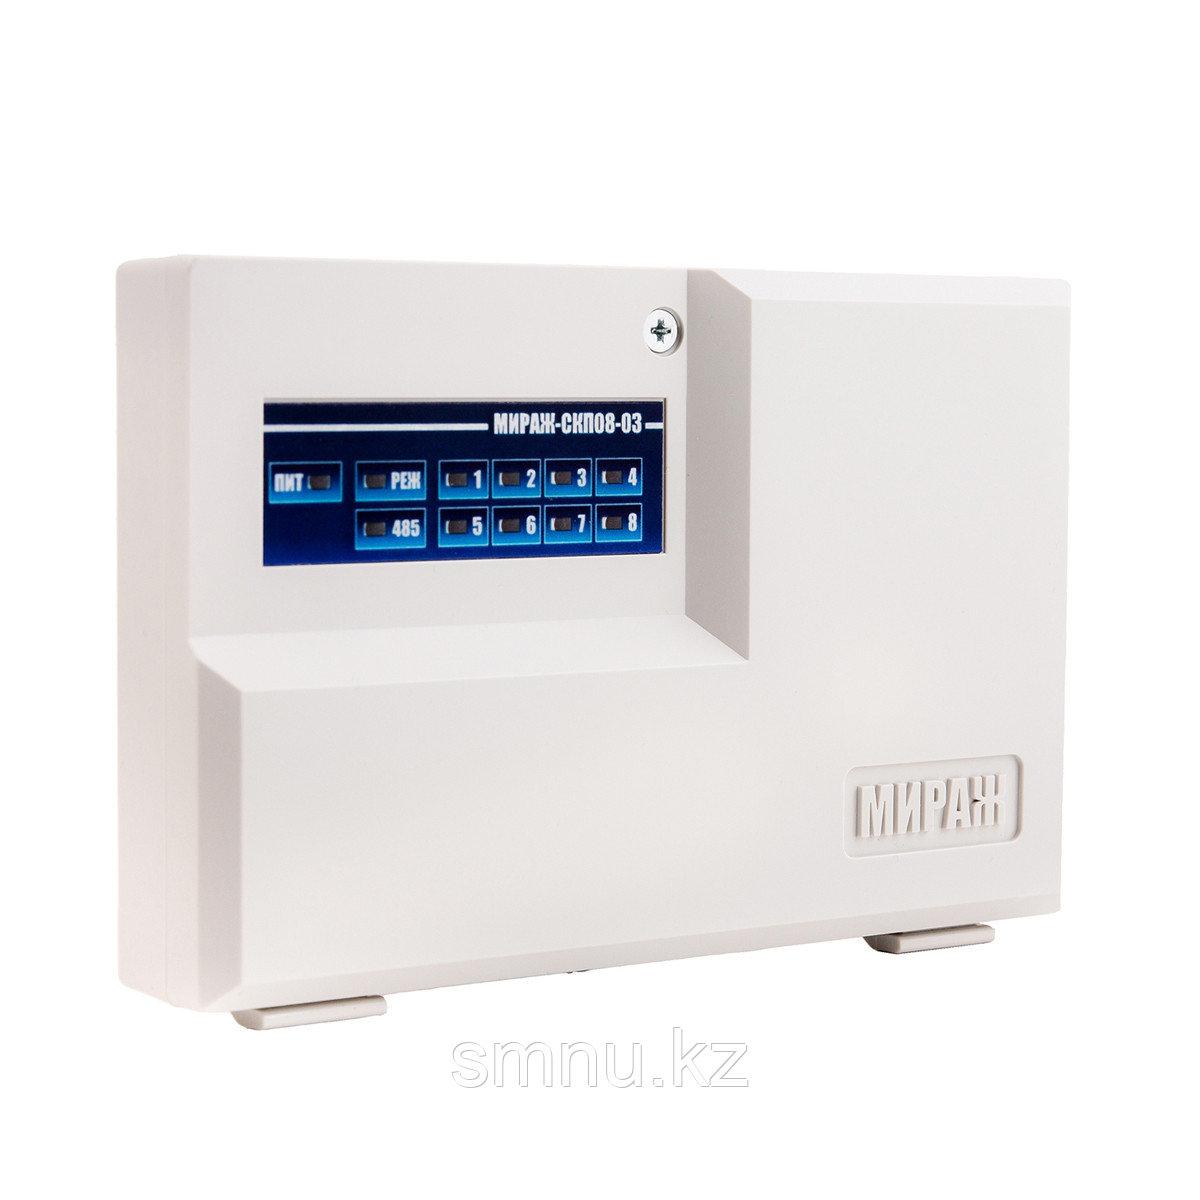 Мираж-СКП08-03 - Сетевая контрольная панель